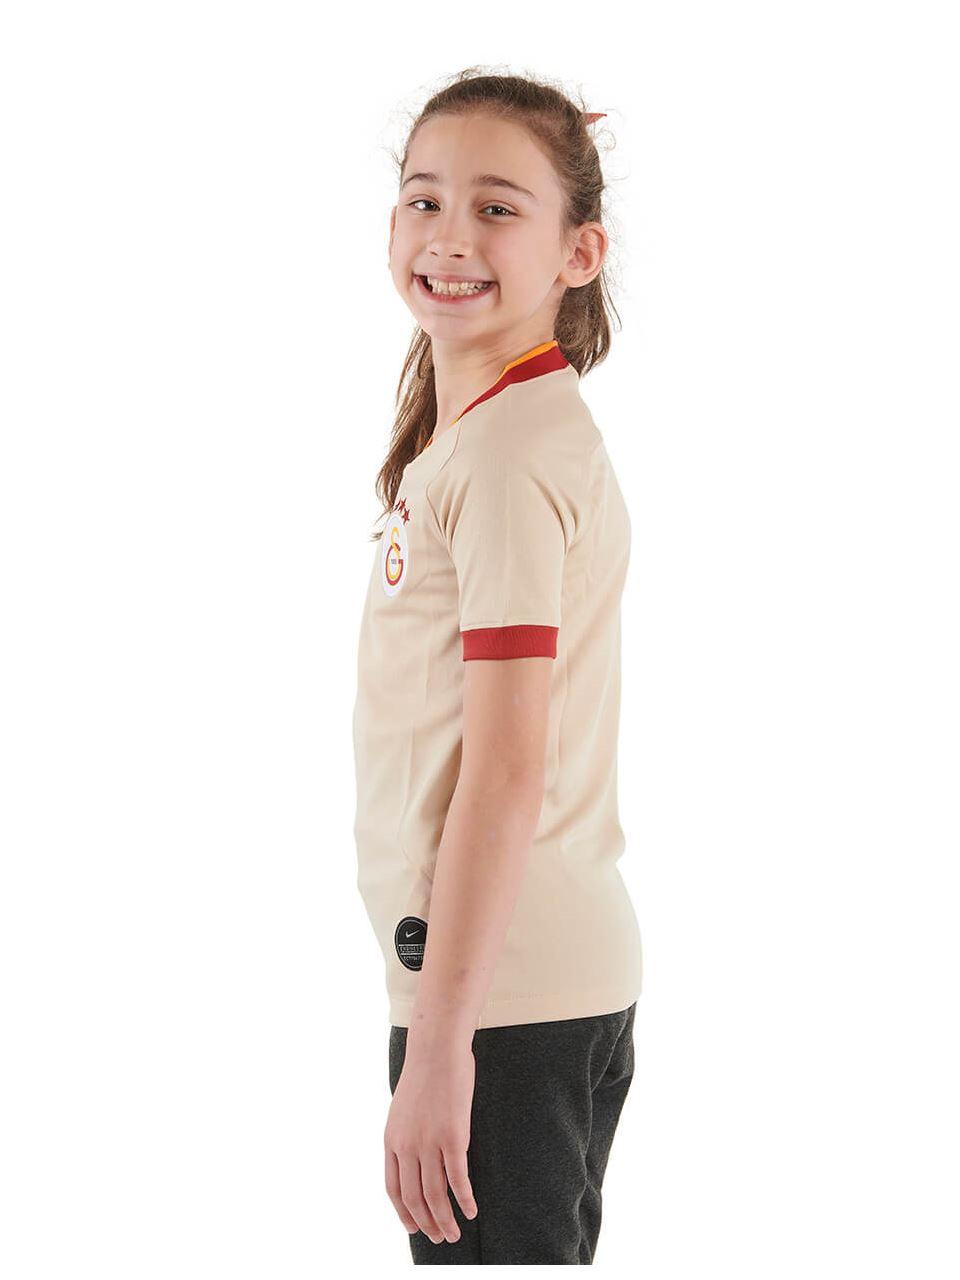 Nike Galatasaray Deplasman Maç Çocuk Forması 19-20 Aj5802-248